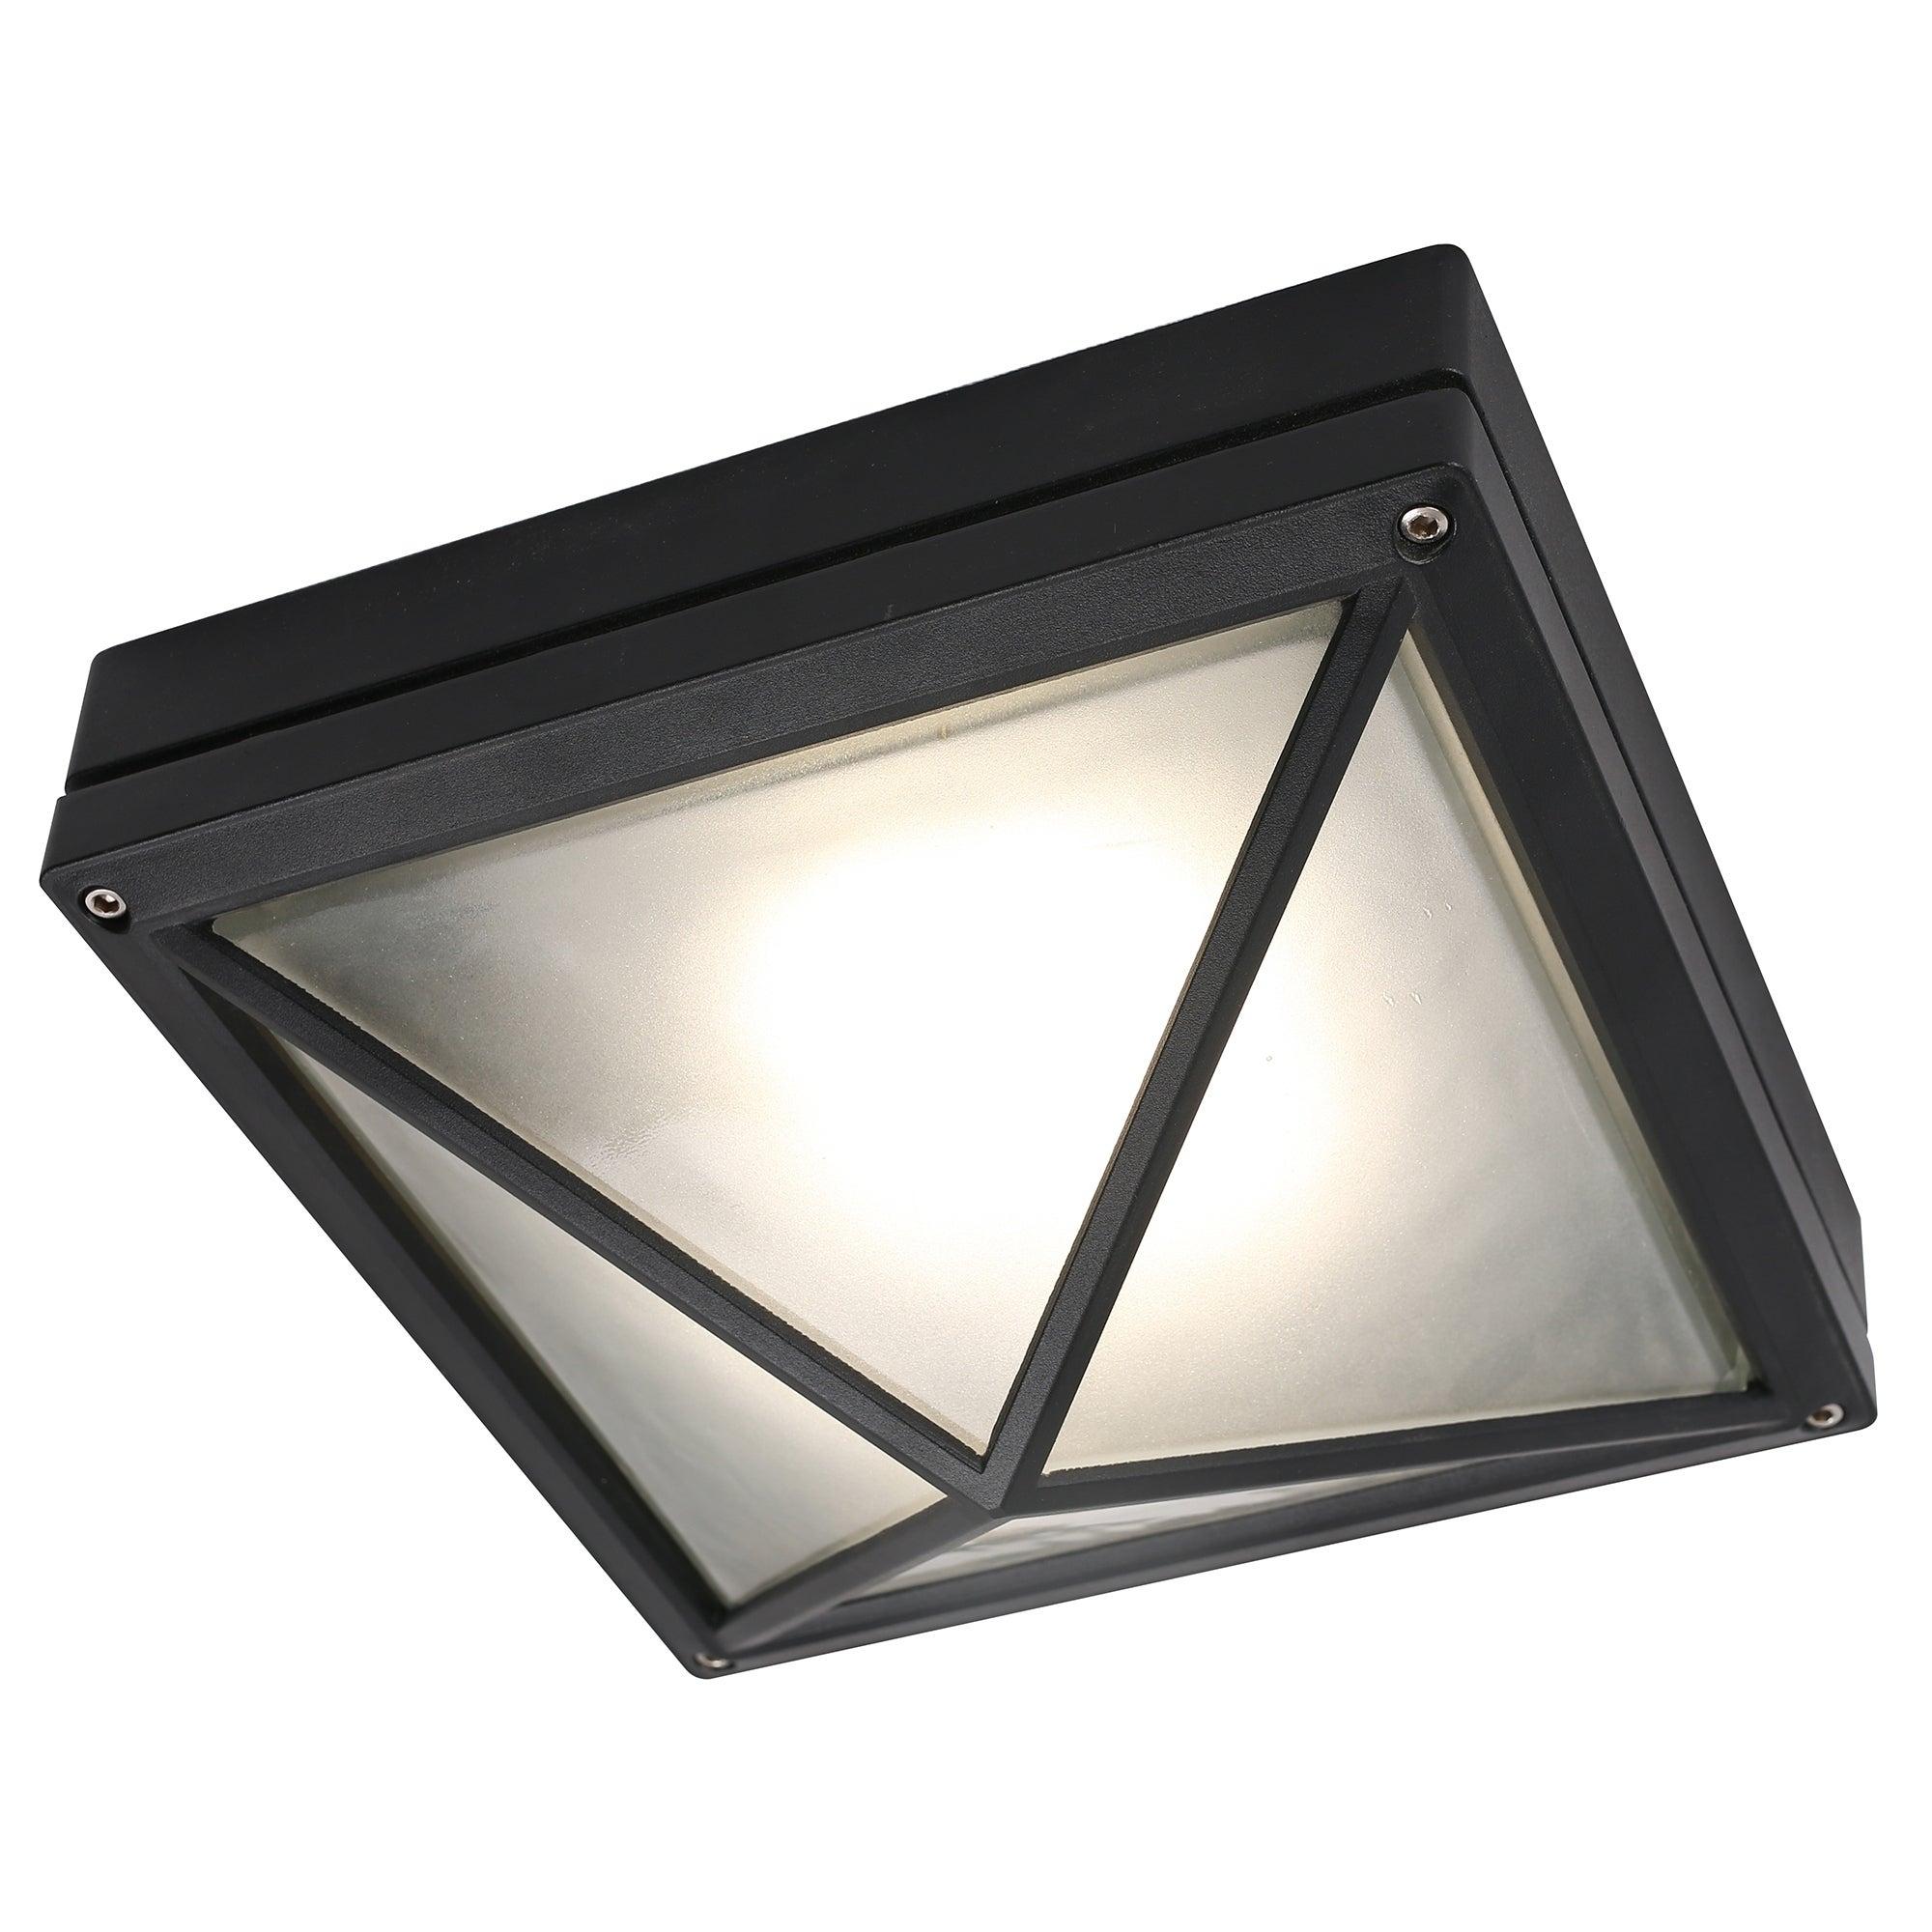 Led Flush Mount Ceiling Light In Black